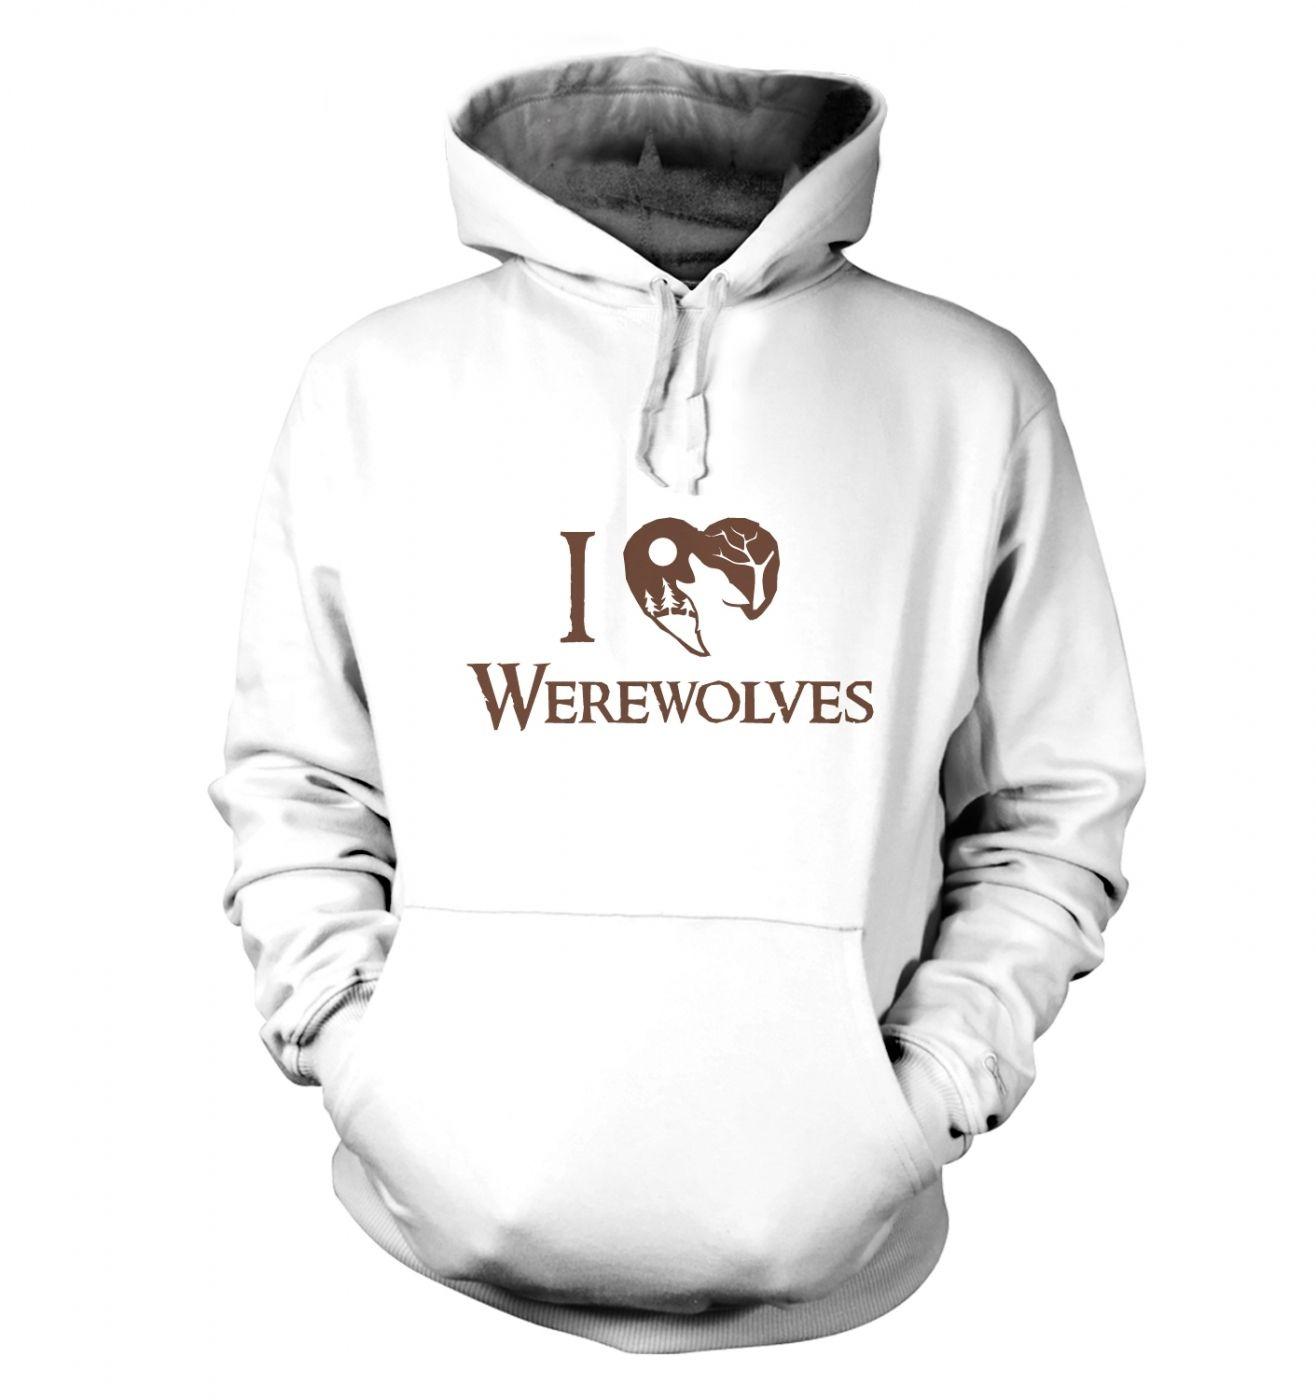 I Heart Werewolves hoodie